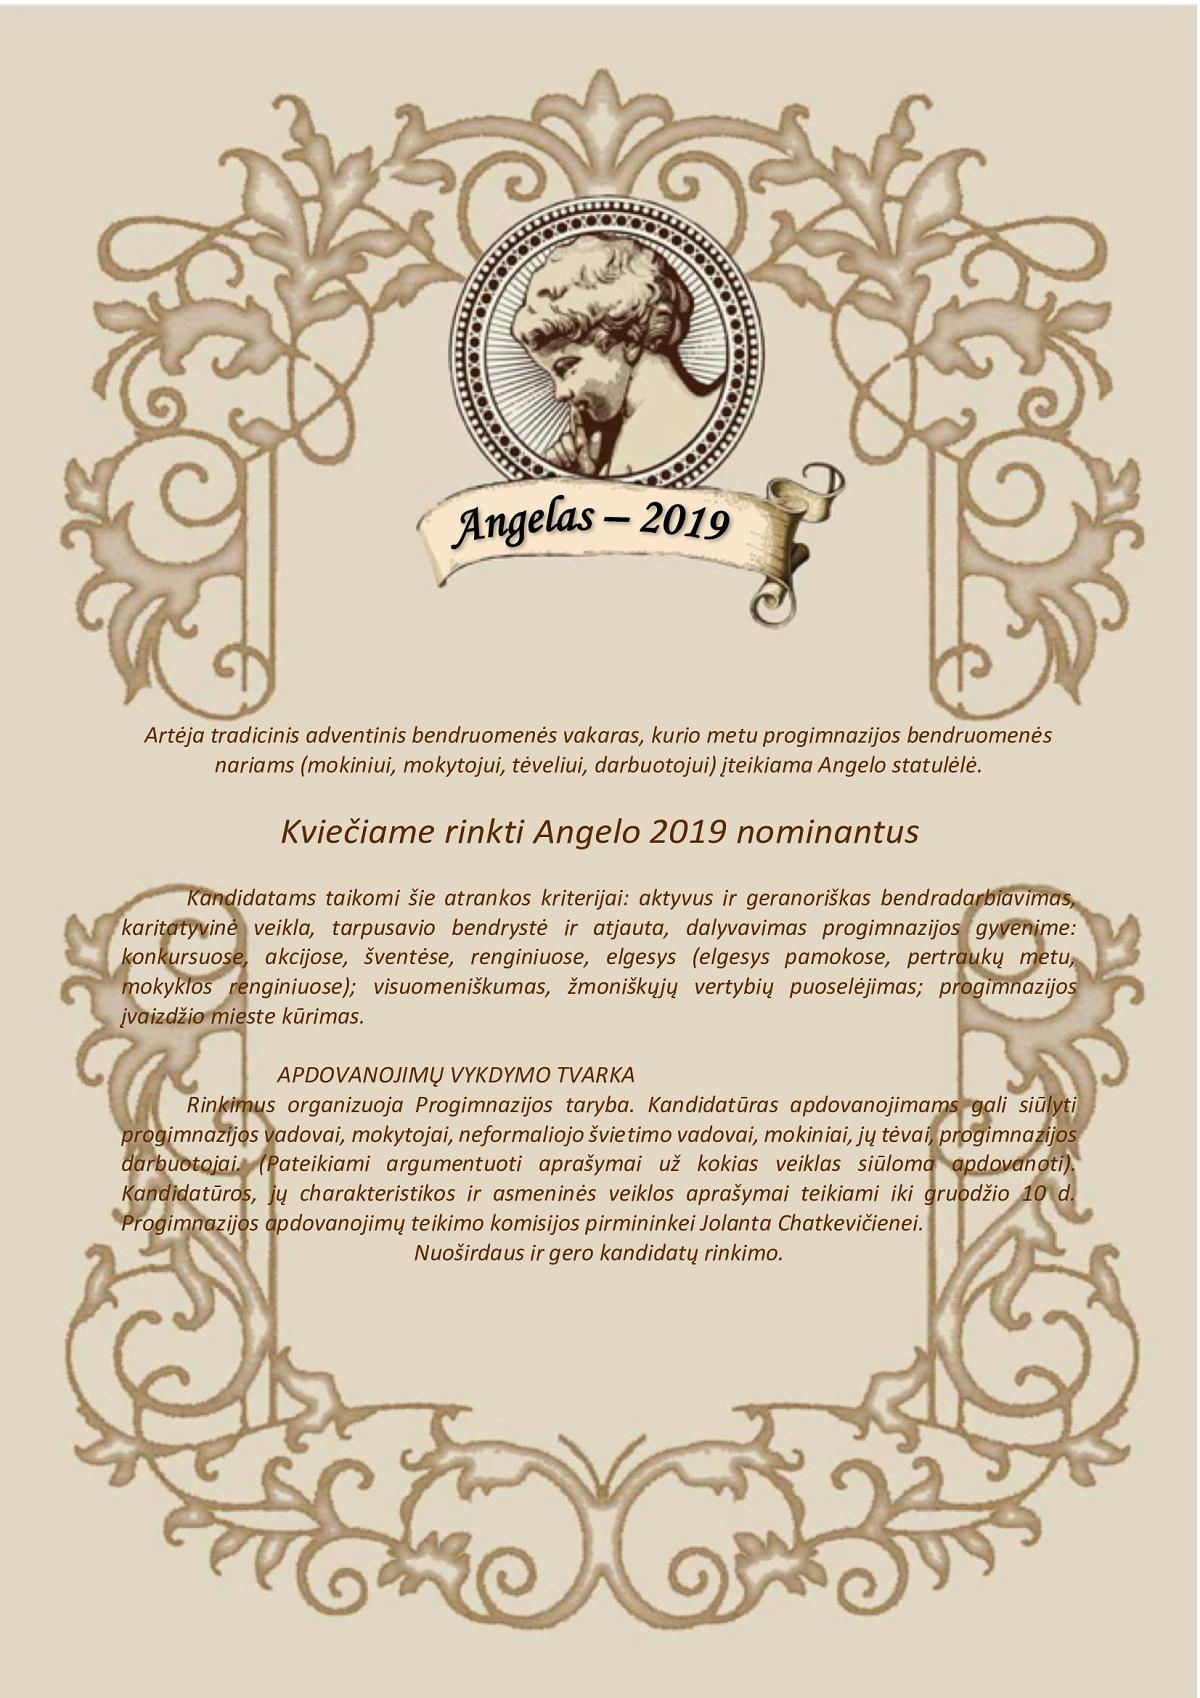 angelas 2019